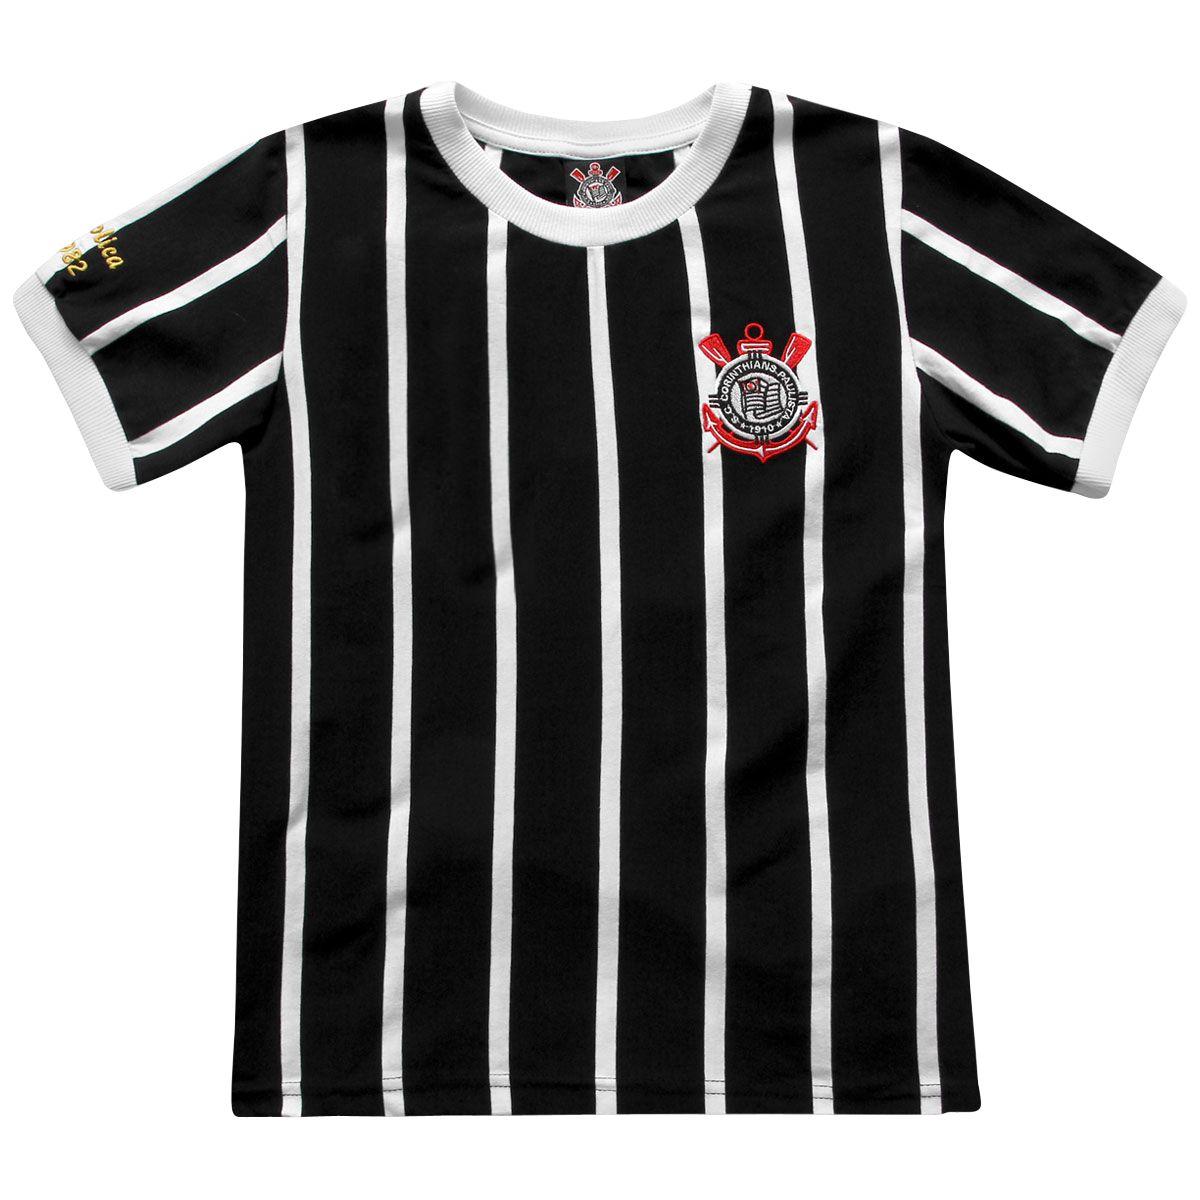 Camisa Retrô Corinthians Democracia 1982 Infantil